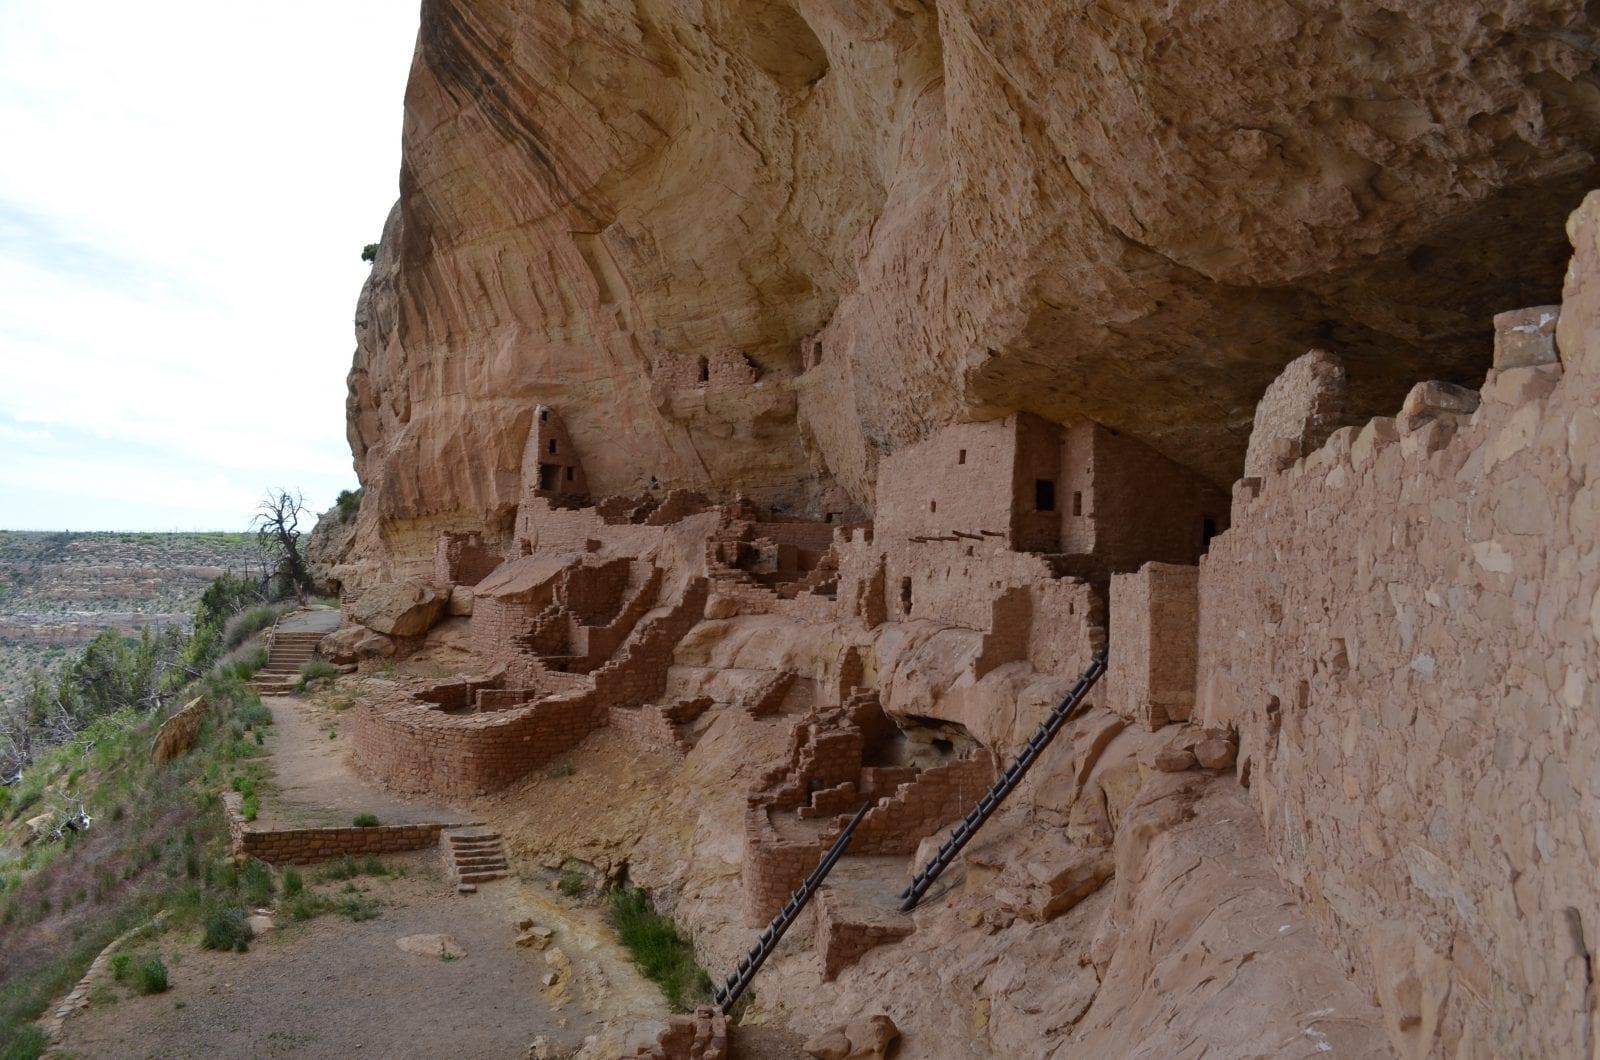 image of mesa verde national park